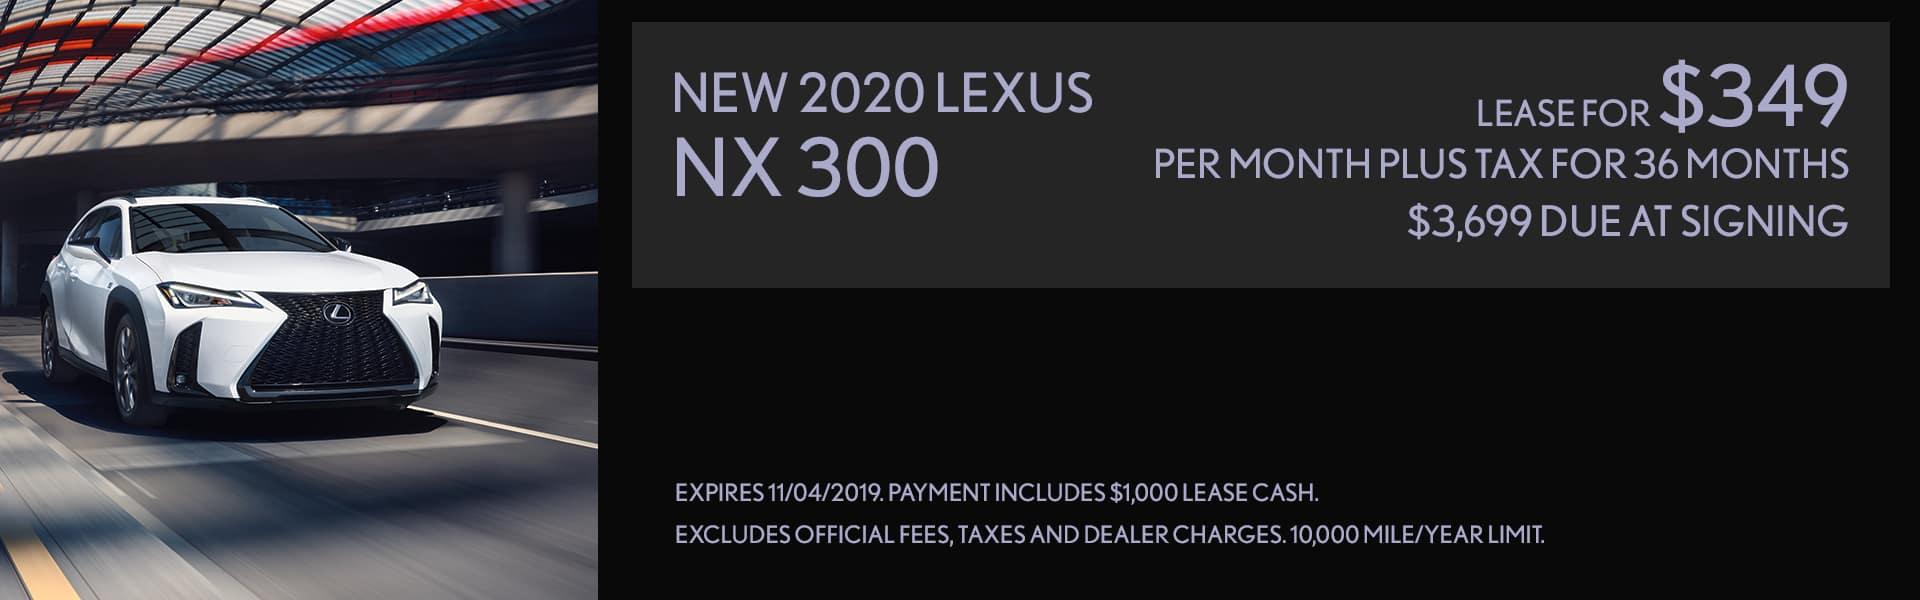 Lease a Lexus NX 300